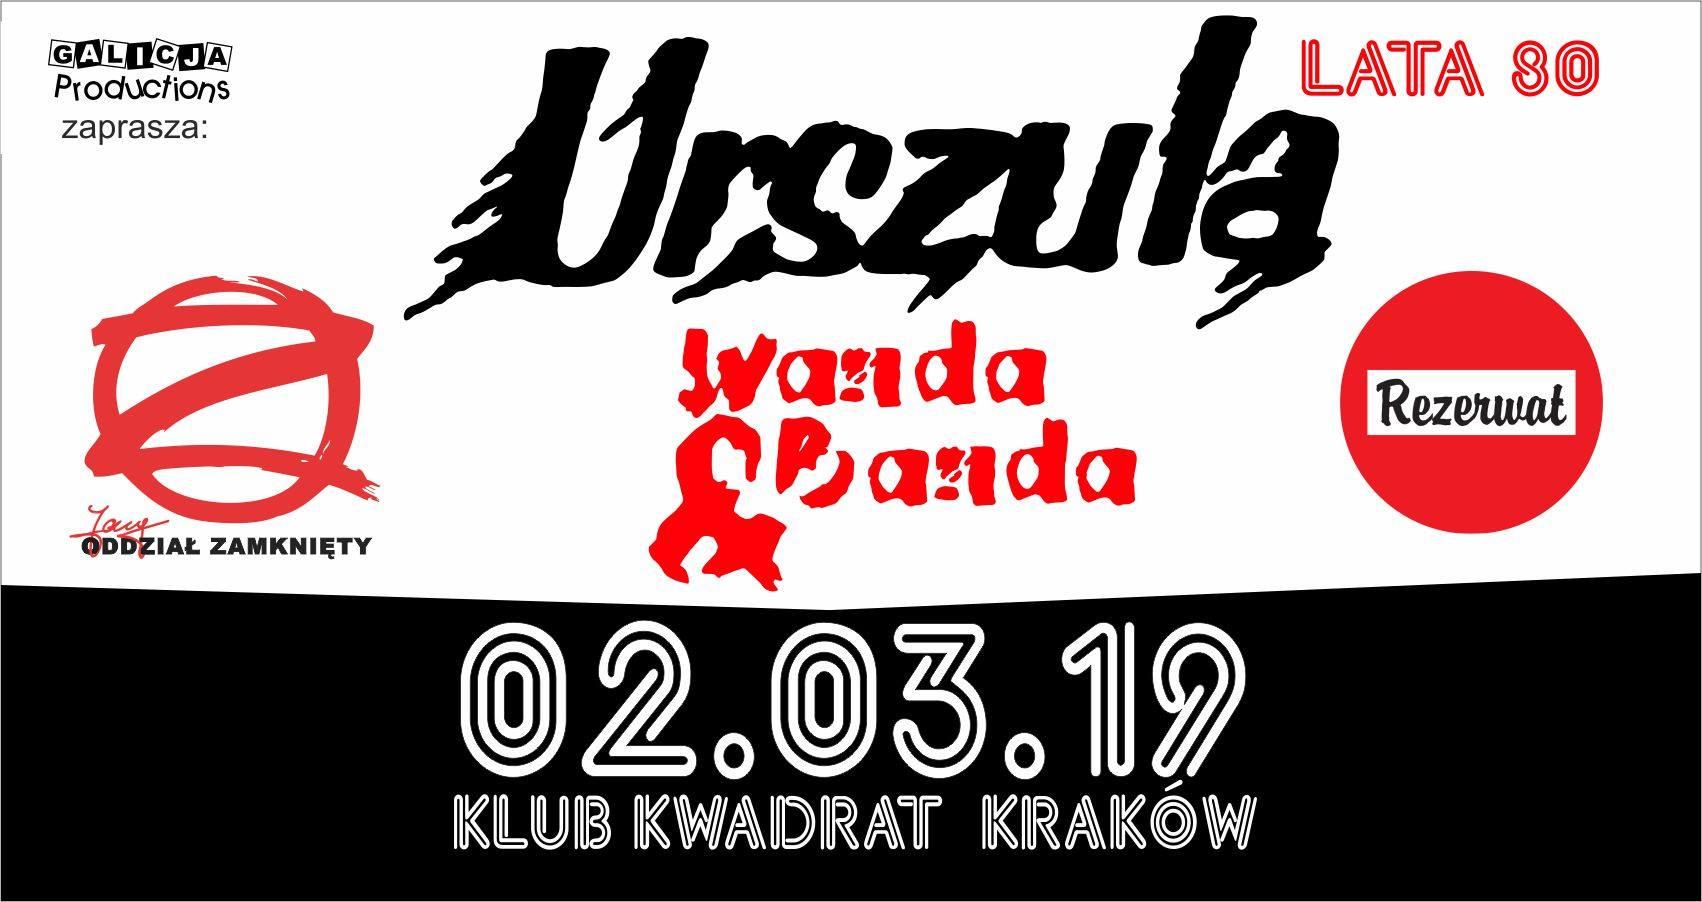 Urszula, Wanda i Banda, Jary Oddział Zamknięty, Rezerwat | Kraków